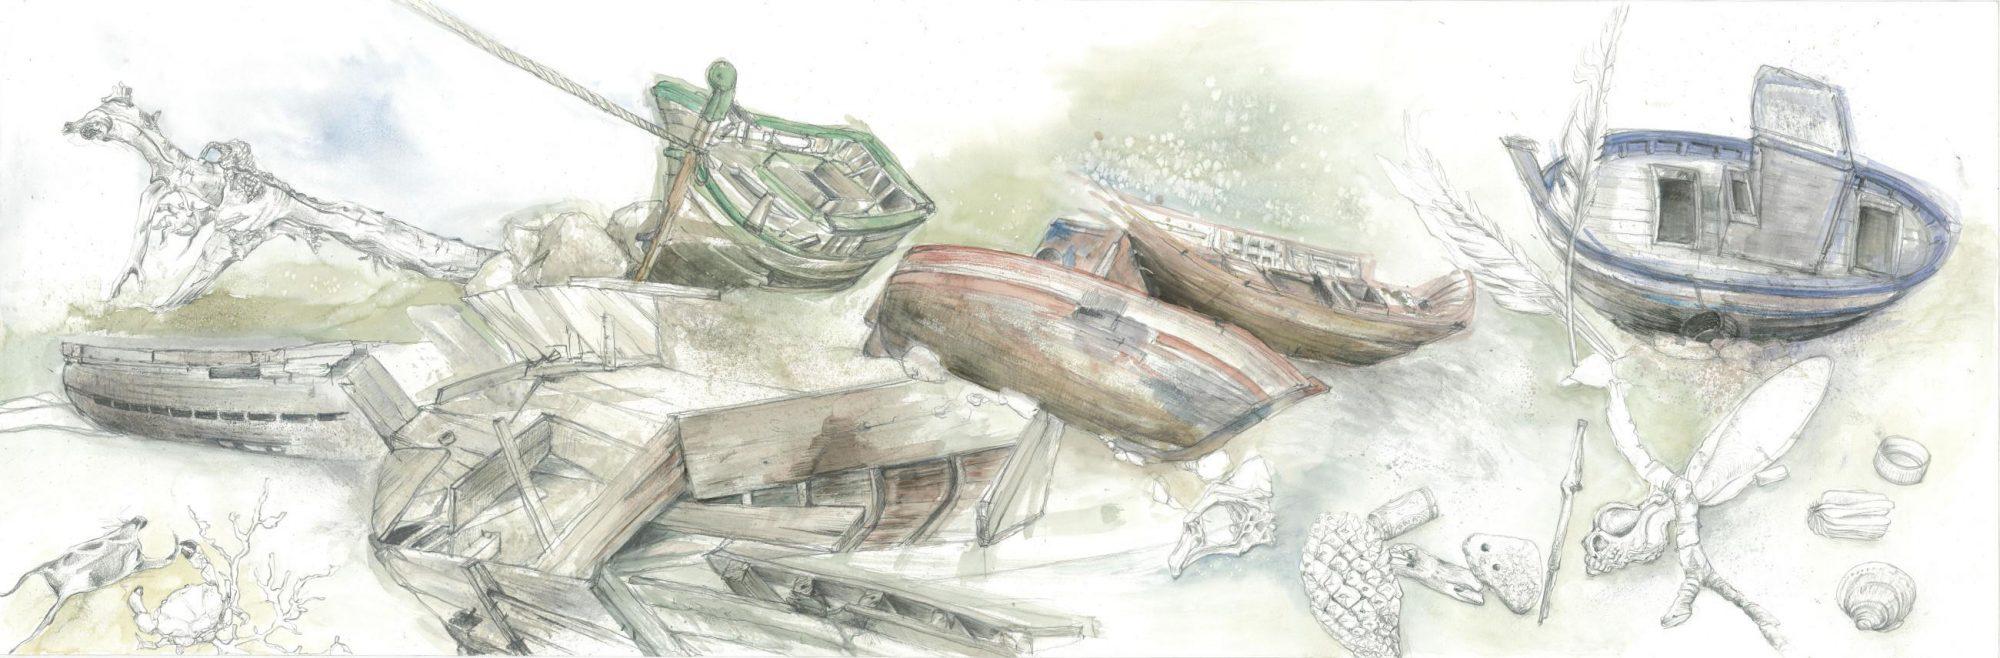 Meeresgeschichten, 2014 Aquarell 150x50cm